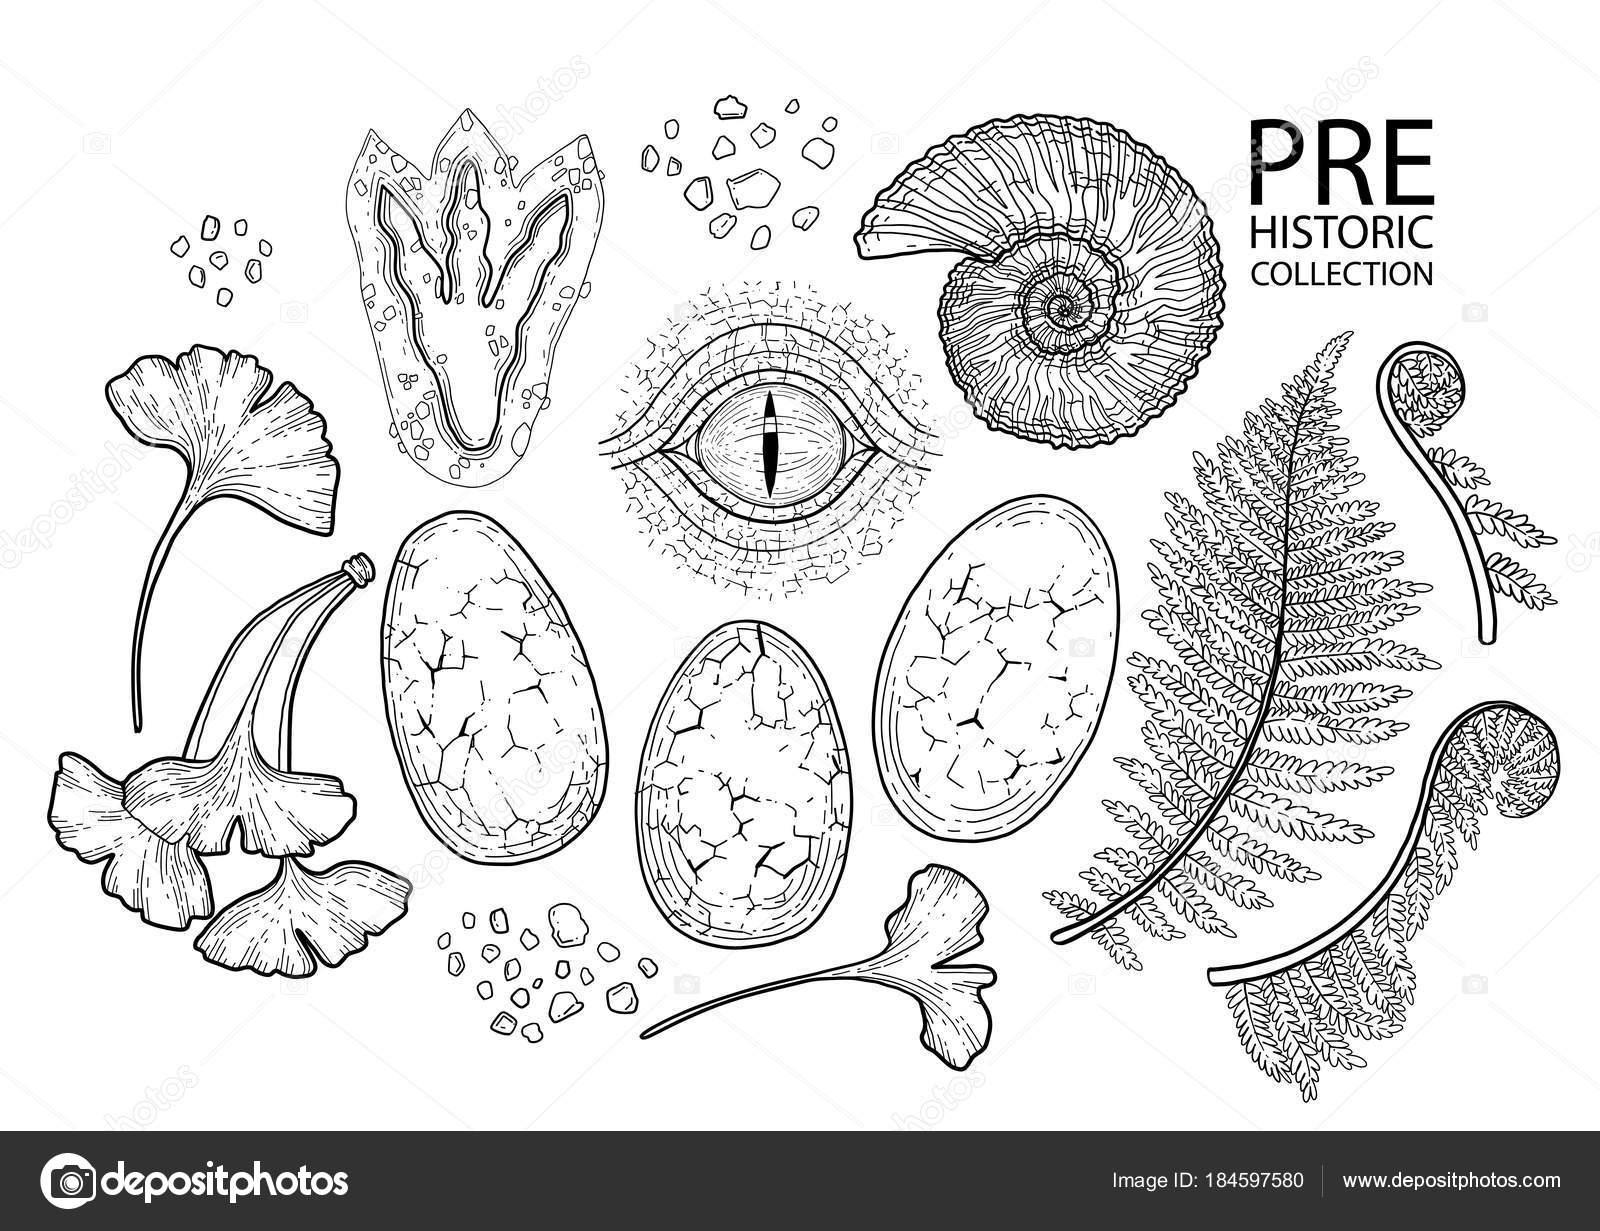 Colección prehistoria gráfica — Archivo Imágenes Vectoriales ...